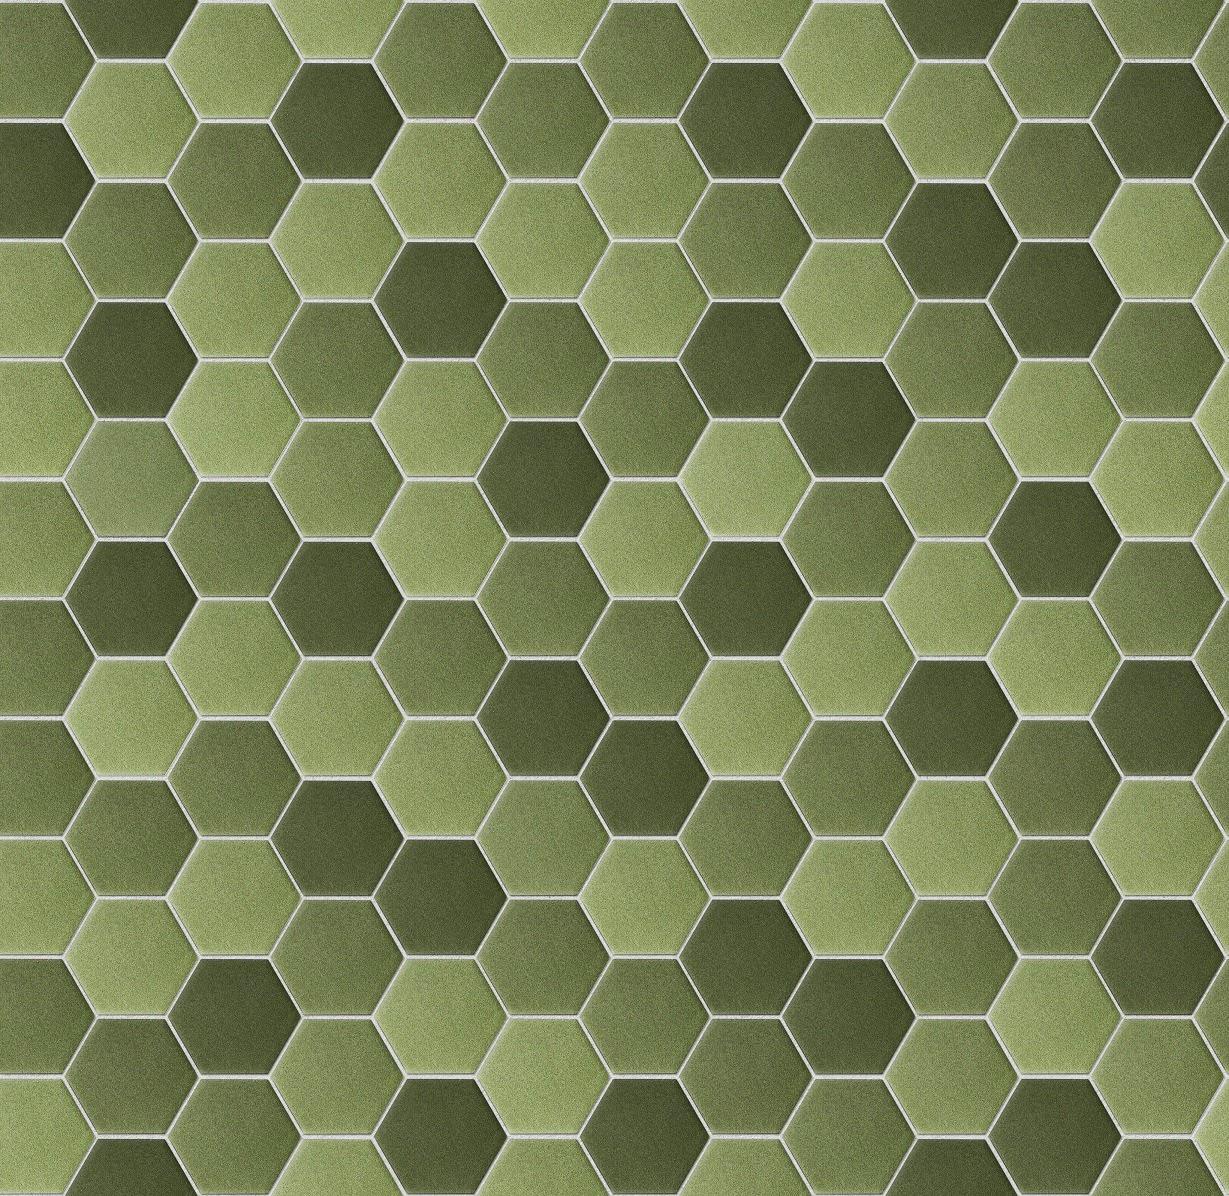 Simo 3d Blogspot Com Texture Seamless Mosaico